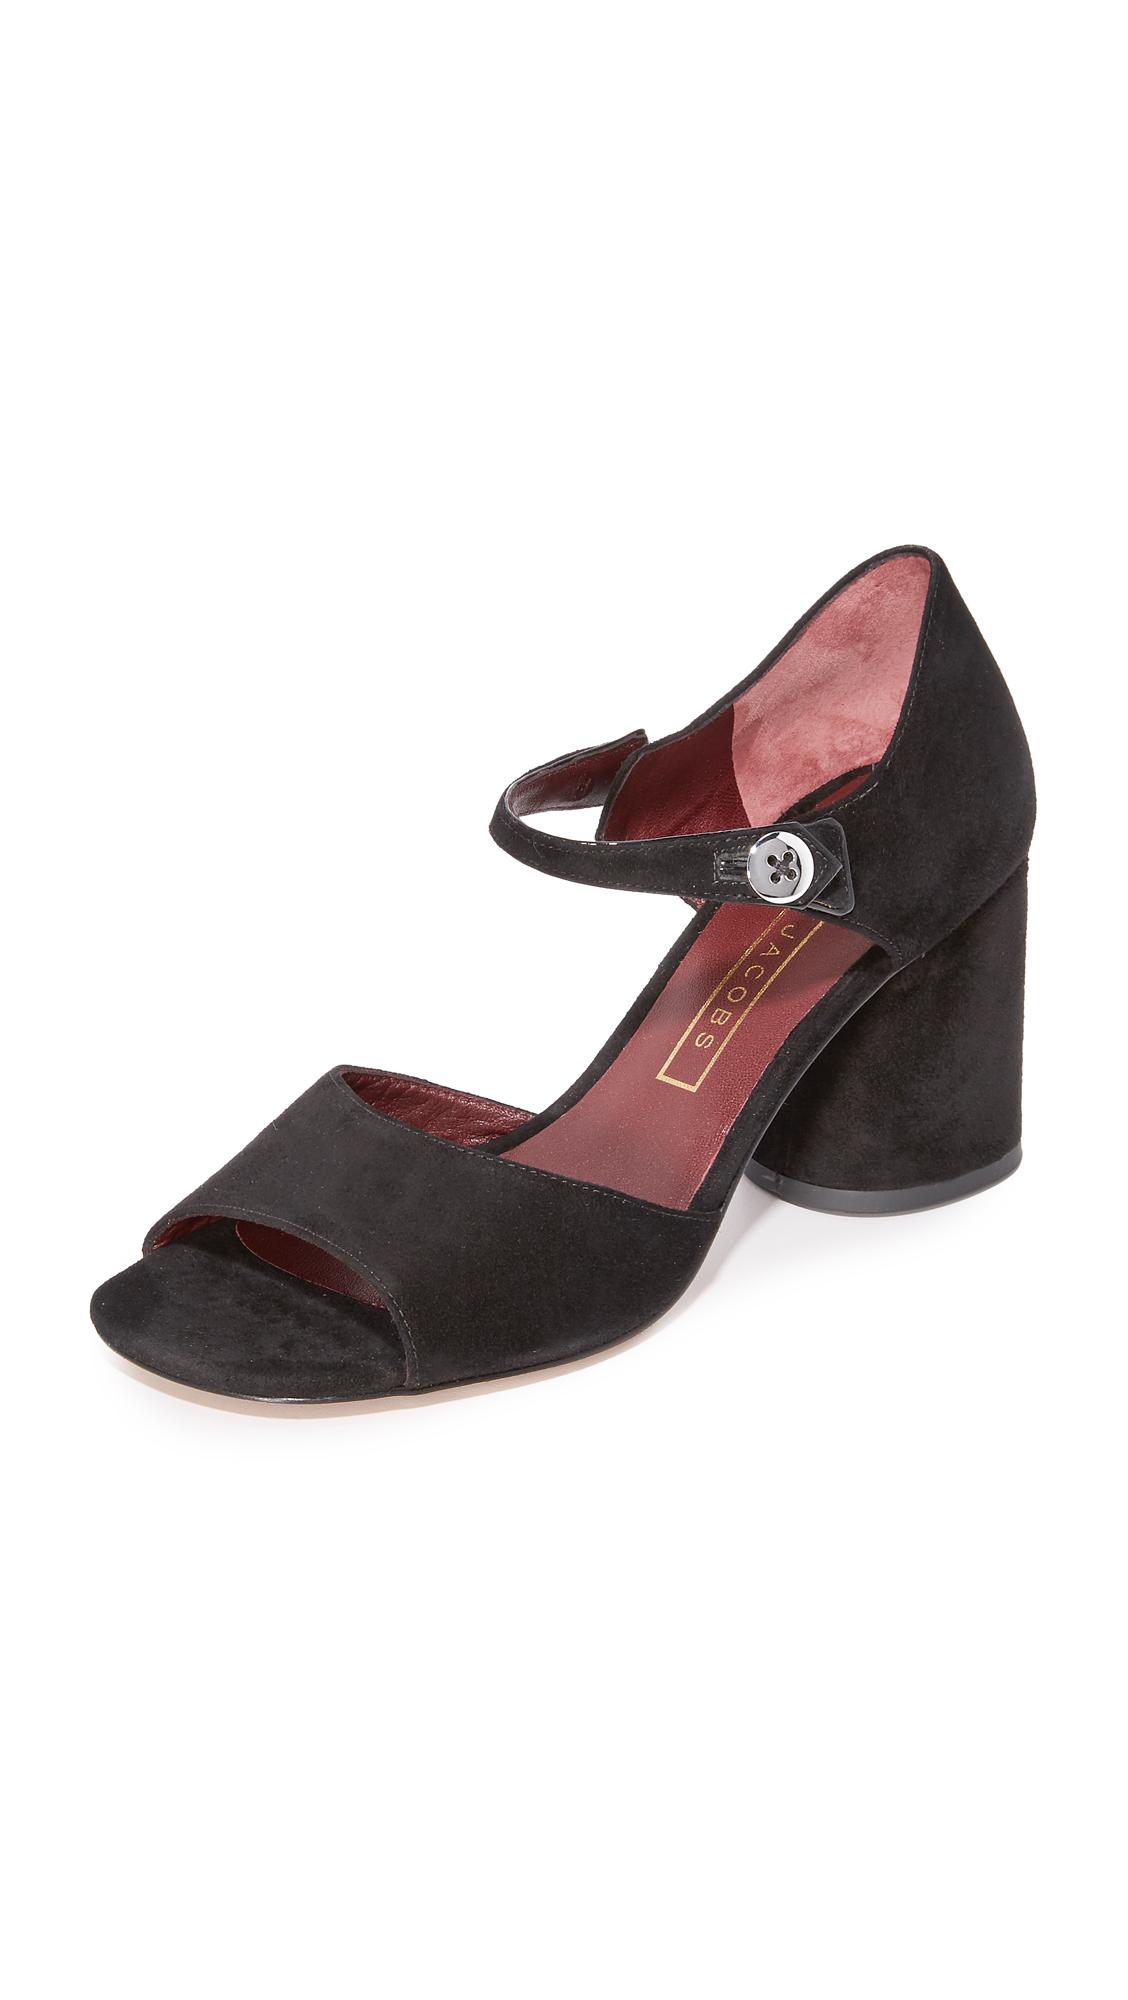 marc jacobs female marc jacobs sloan button sandals black